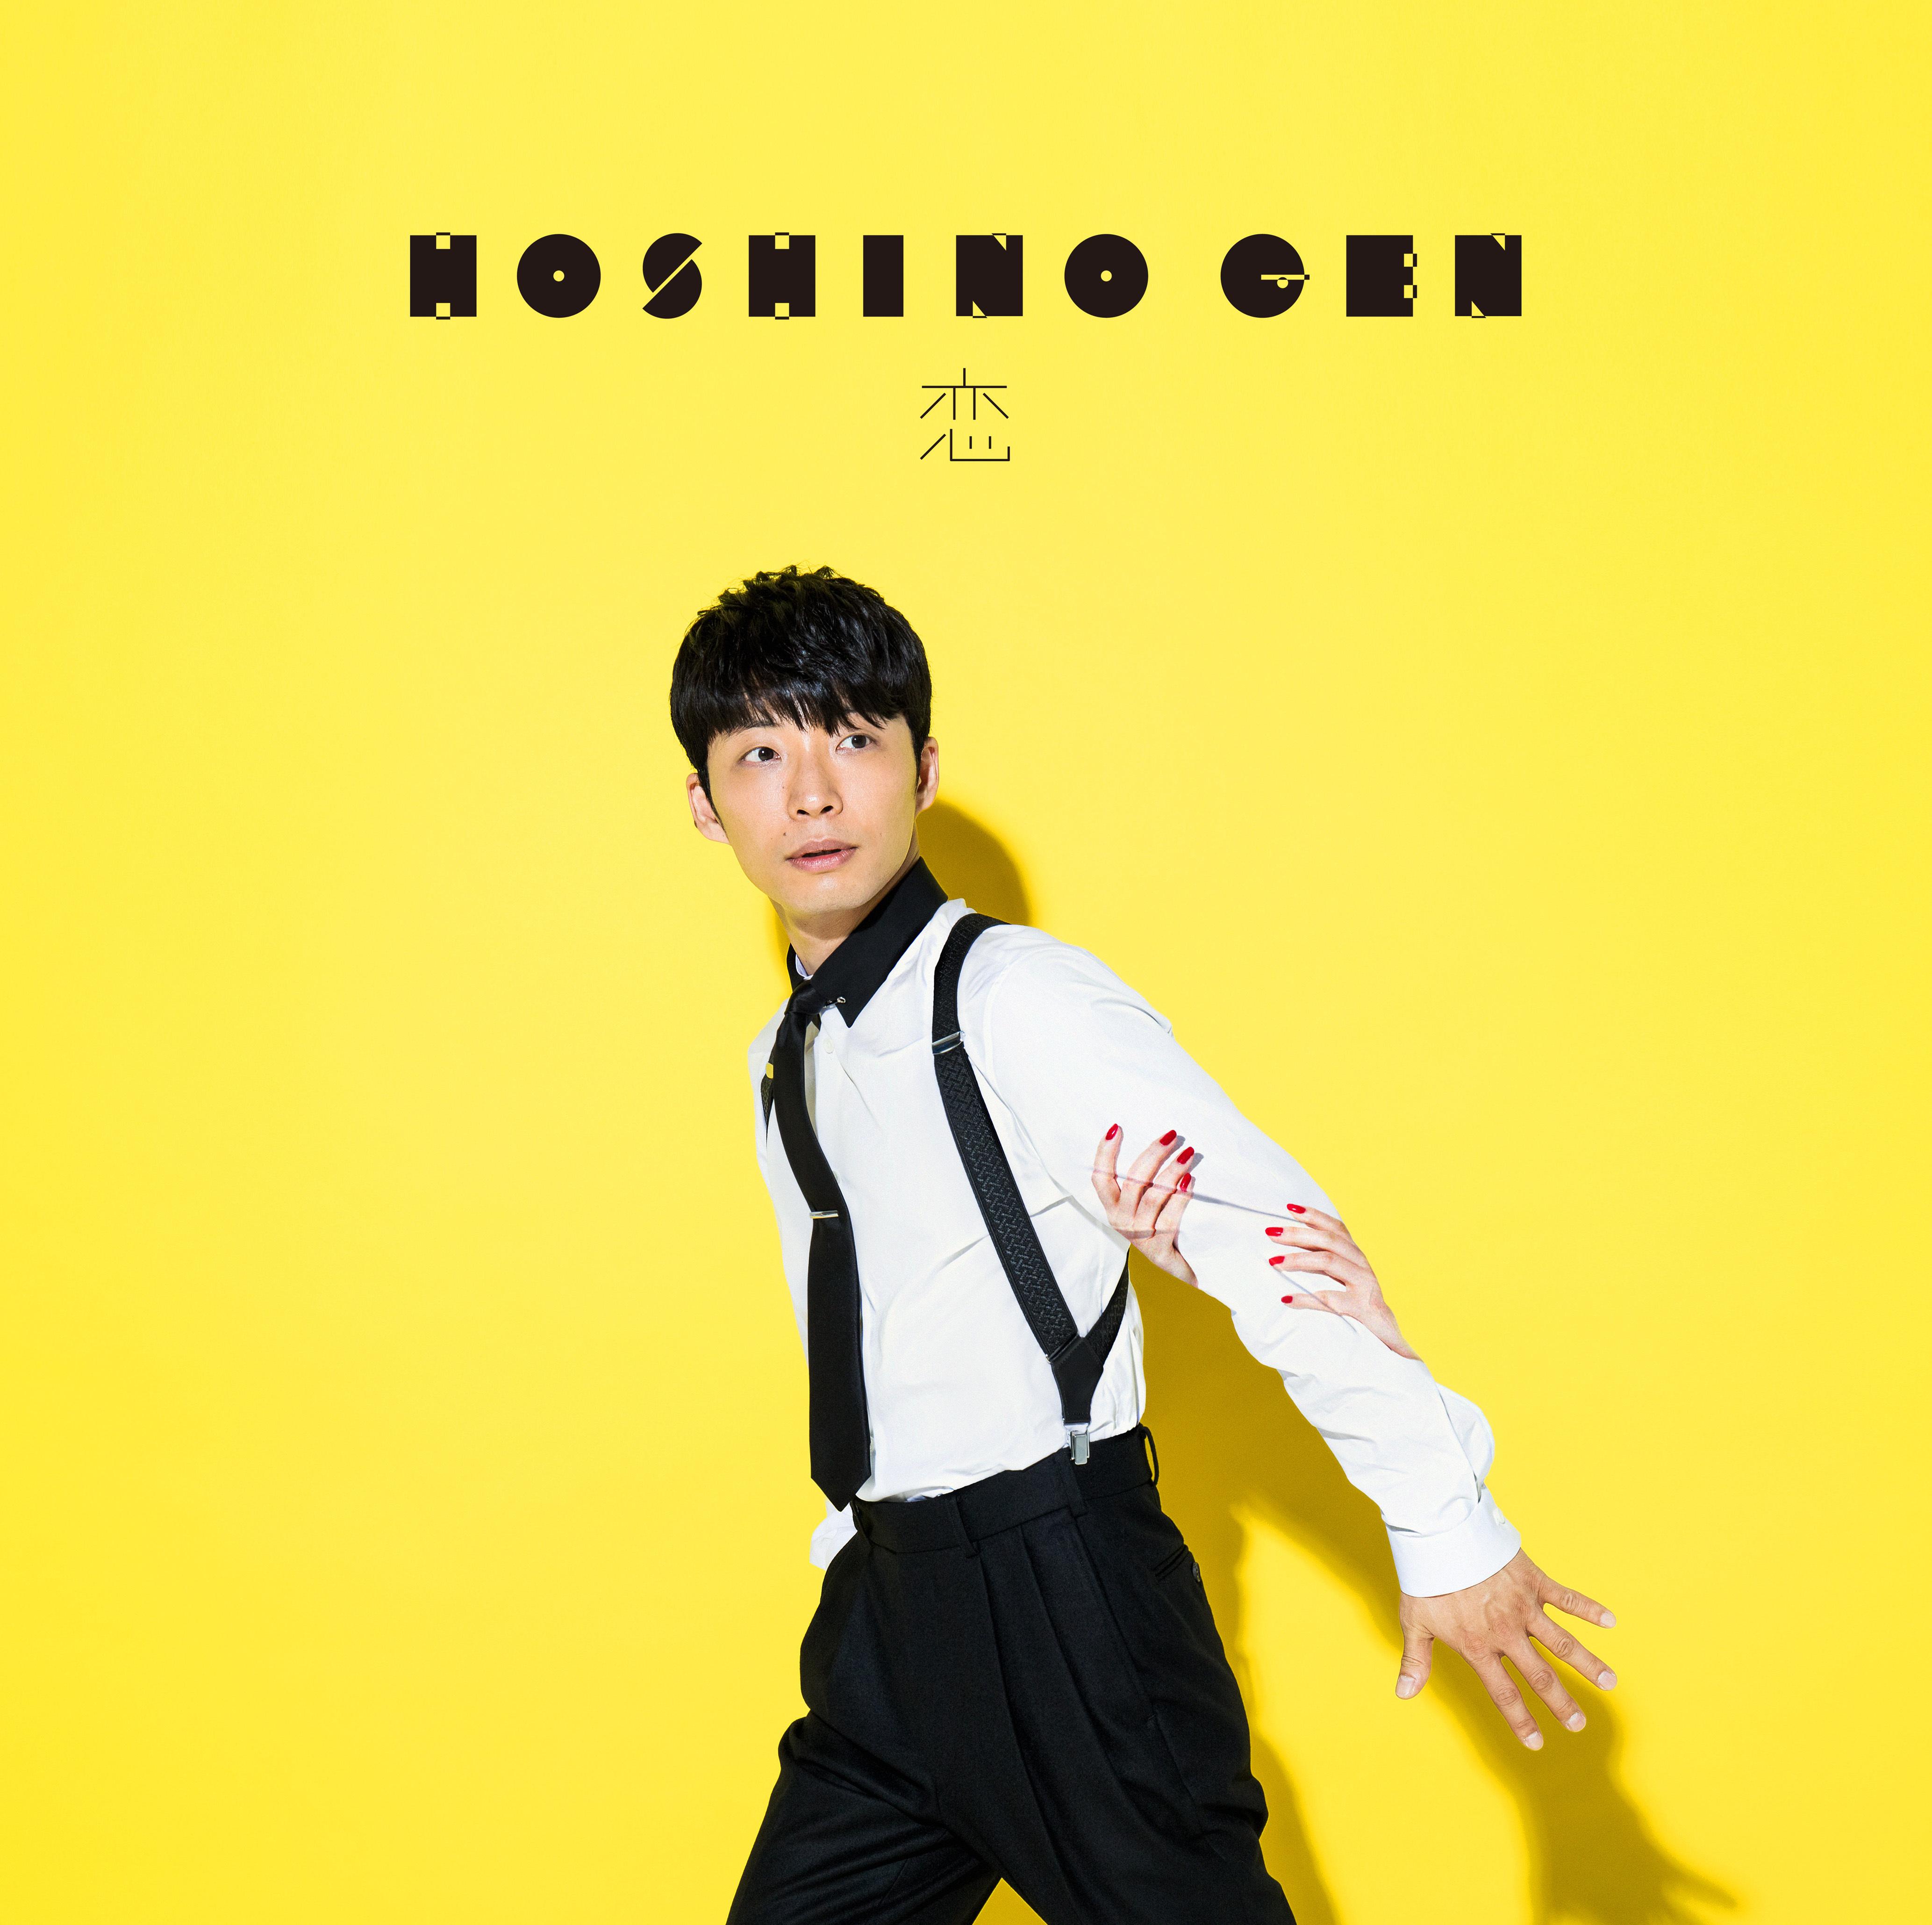 星野源 (ホシノゲン) 9thシングル『恋』(2016年10月5日発売) 高画質ジャケット画像